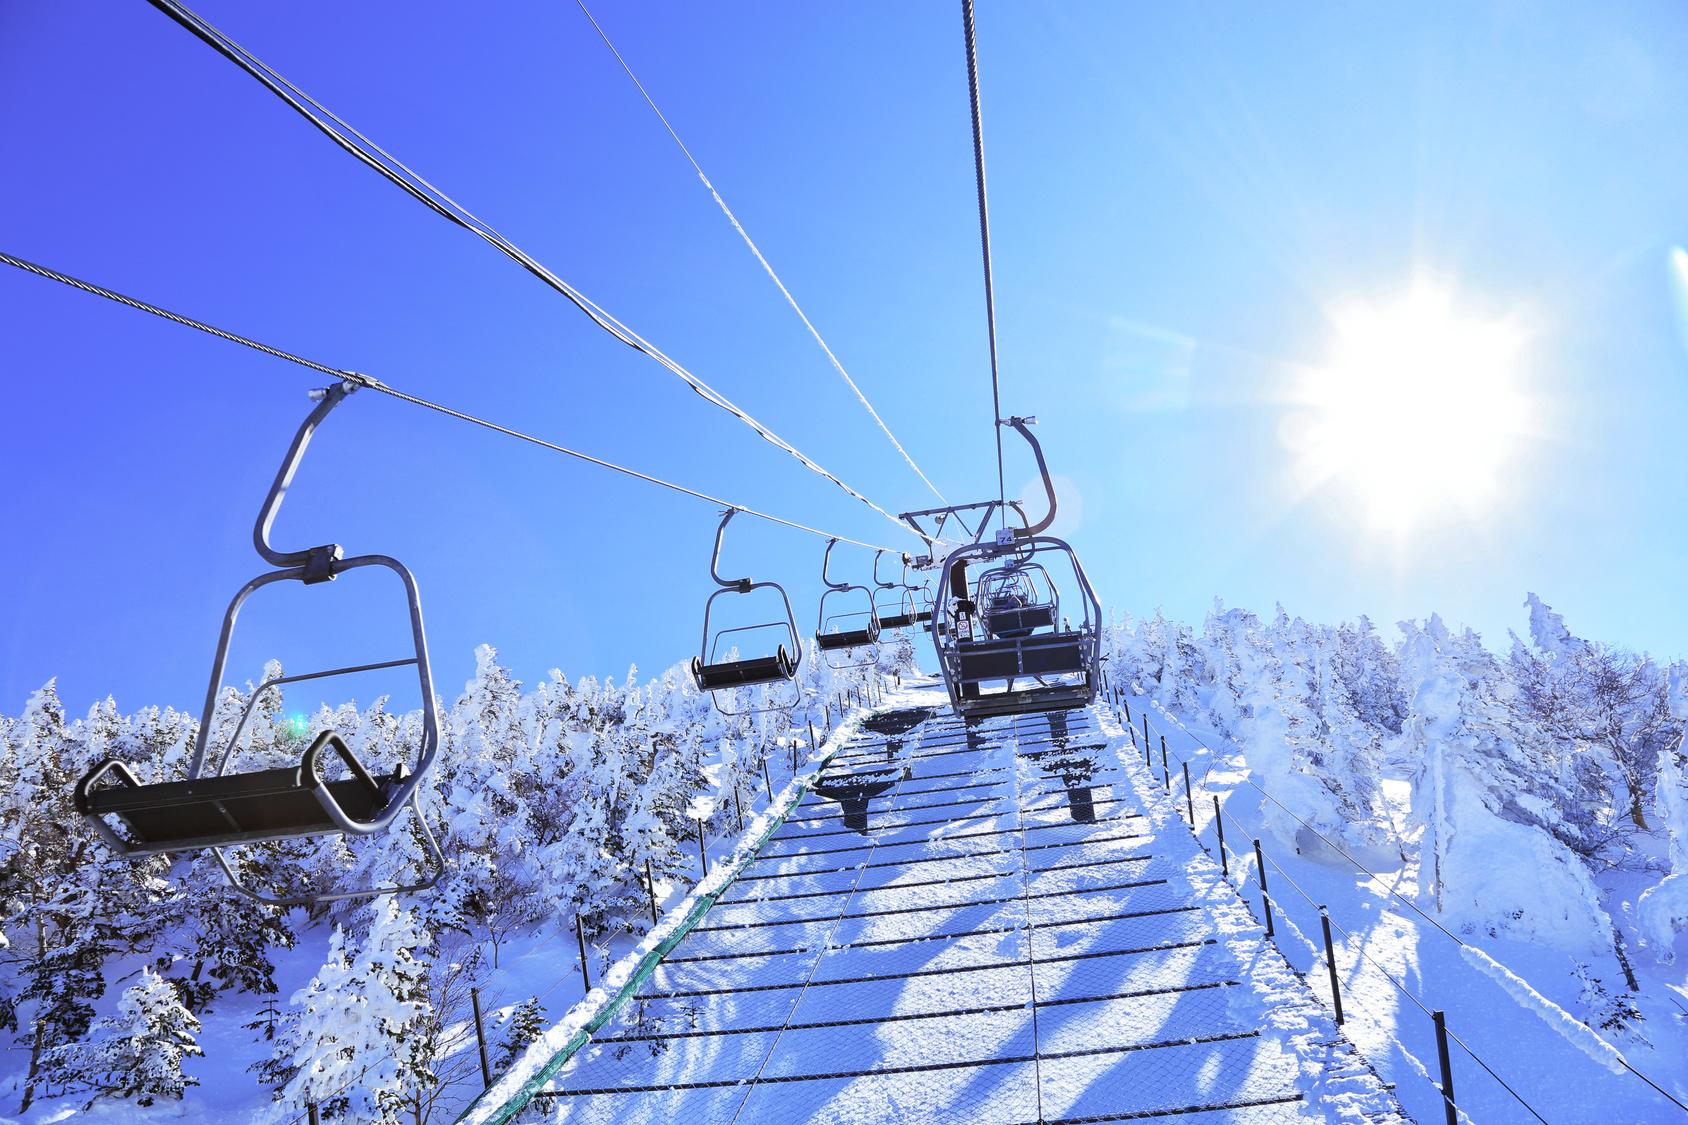 長野スキー遠足3日目・十数年ぶりのスキーリベンジ